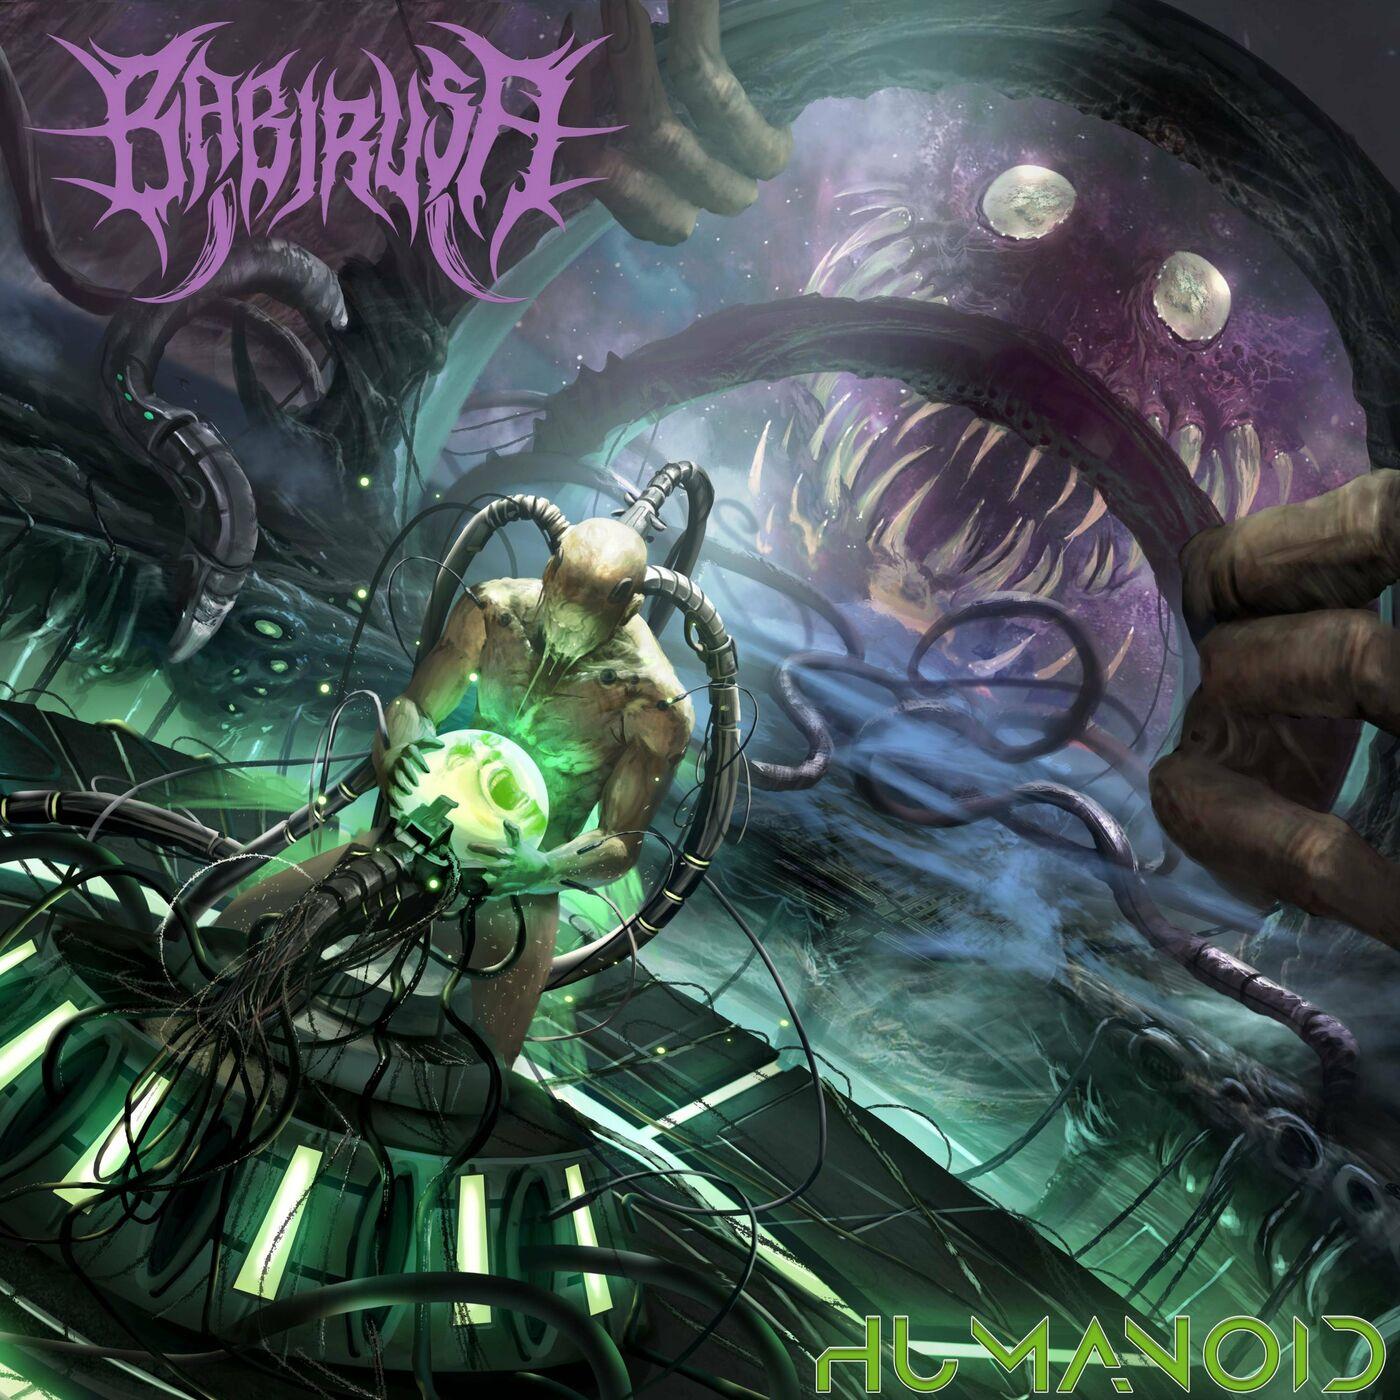 Babirusa - Humanoid (2020)